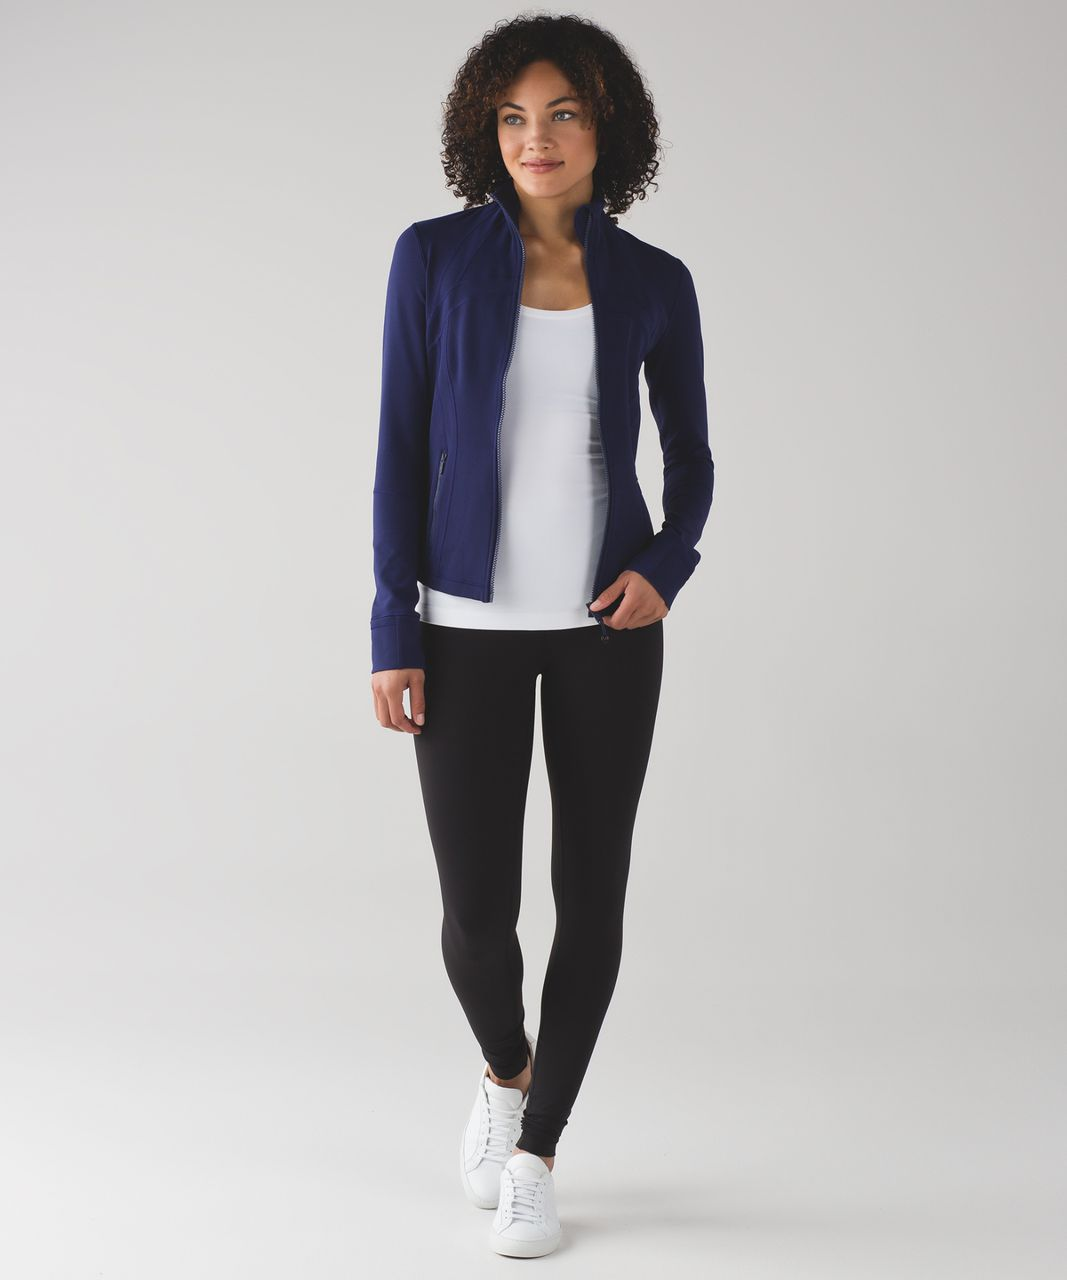 Lululemon Define Jacket - Hero Blue